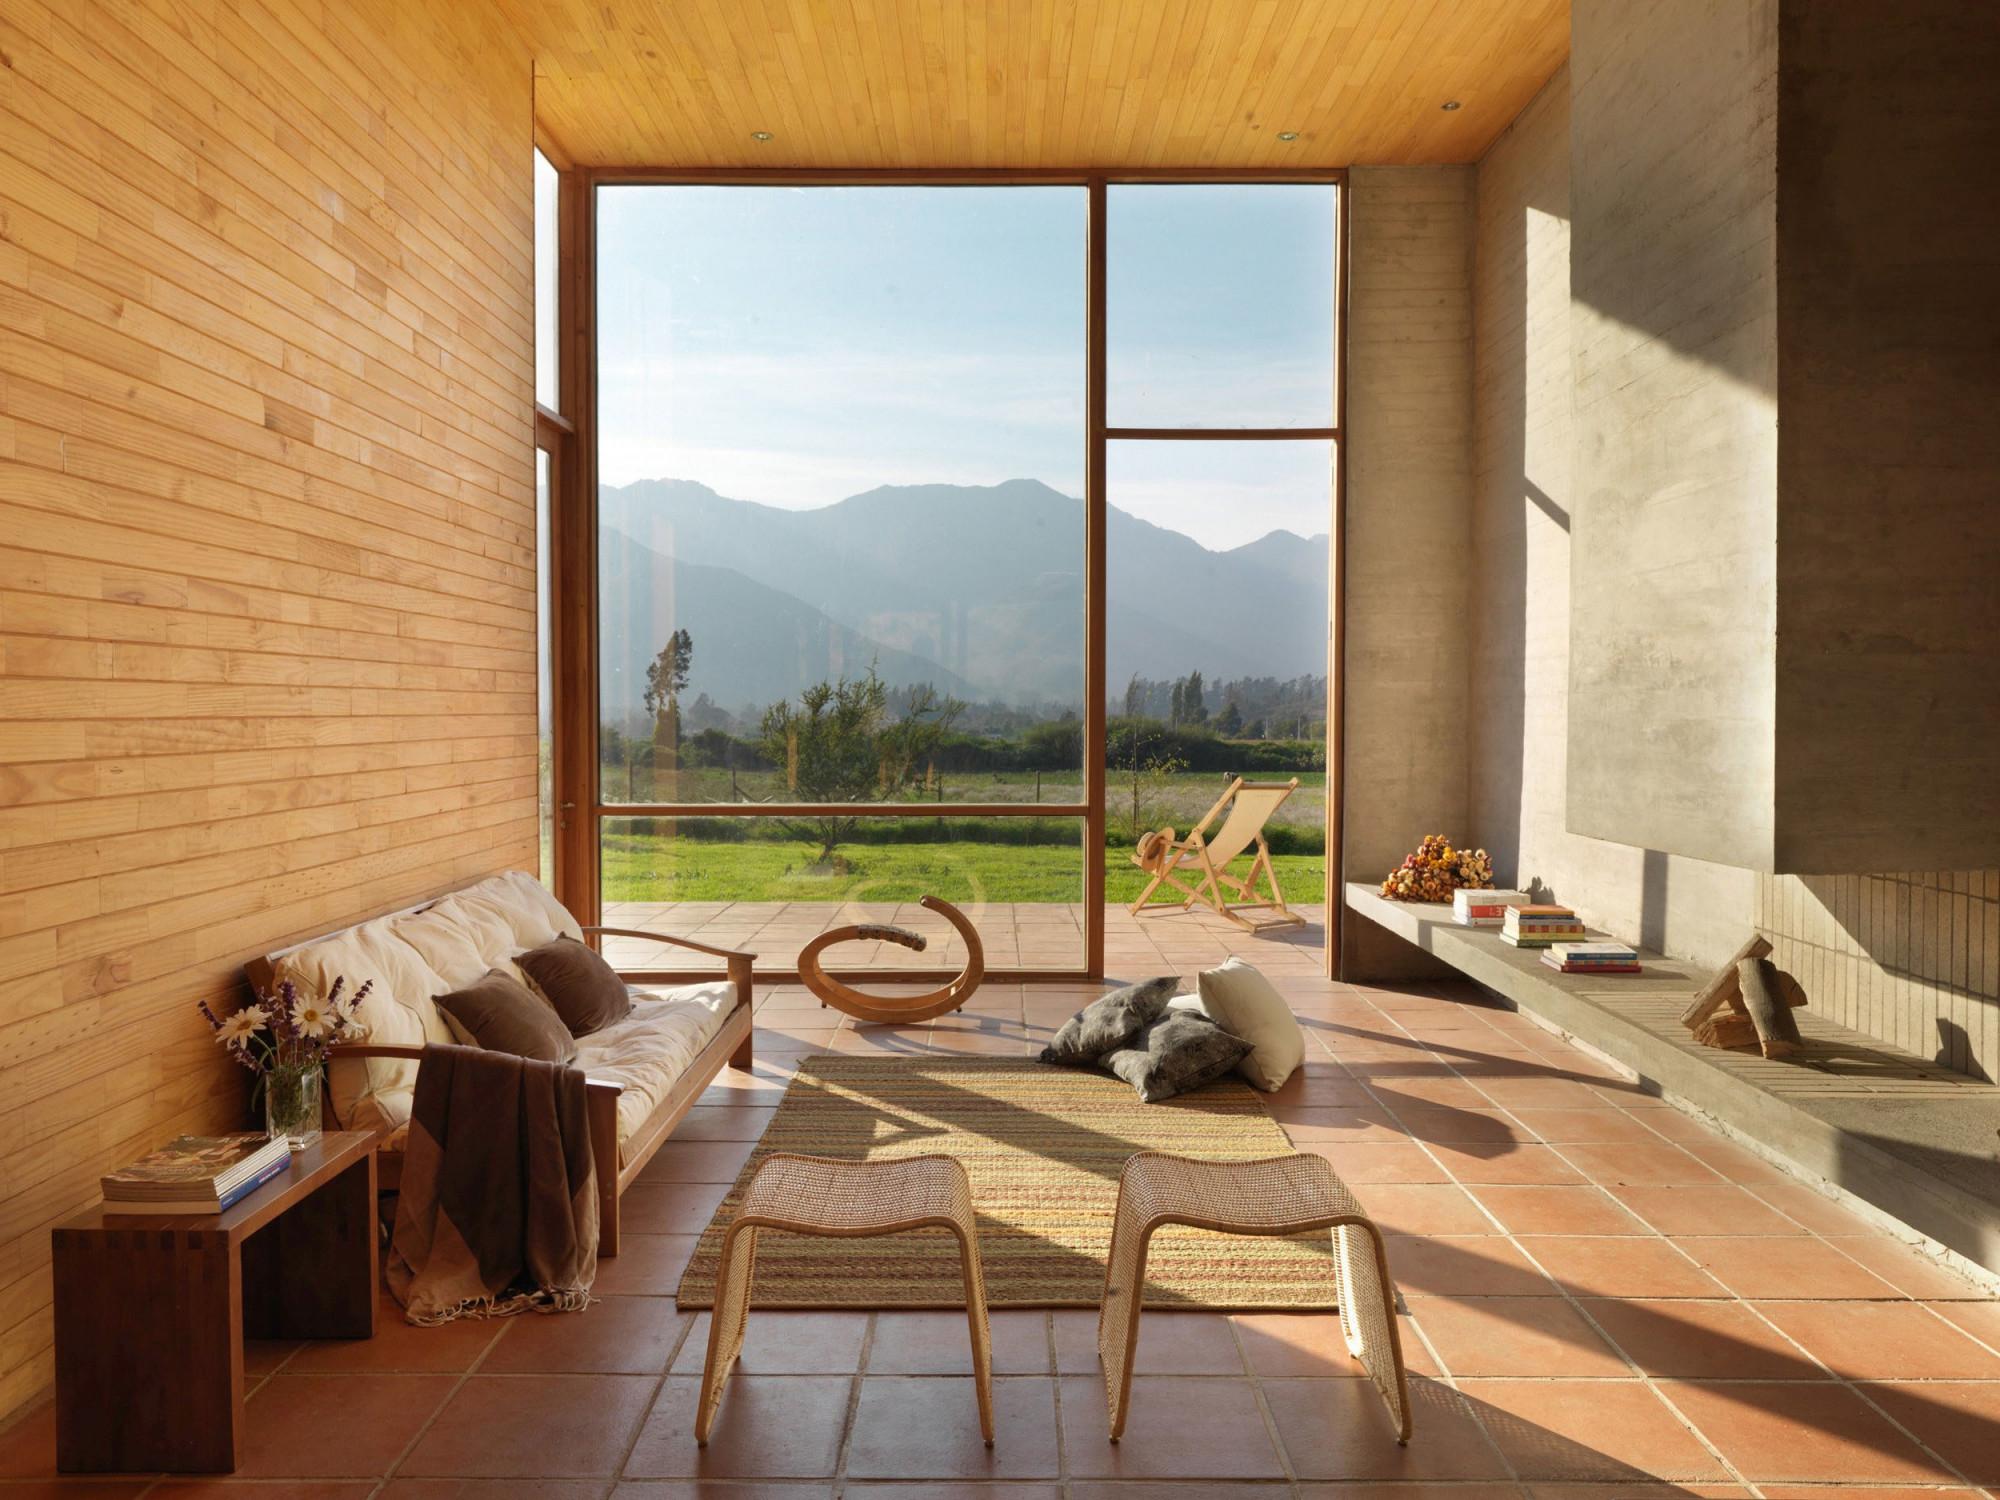 Schickes Wohnambiente 75 Faszinierende Ideen Für Bodentiefe von Fenstergestaltung Wohnzimmer Ohne Gardinen Bild